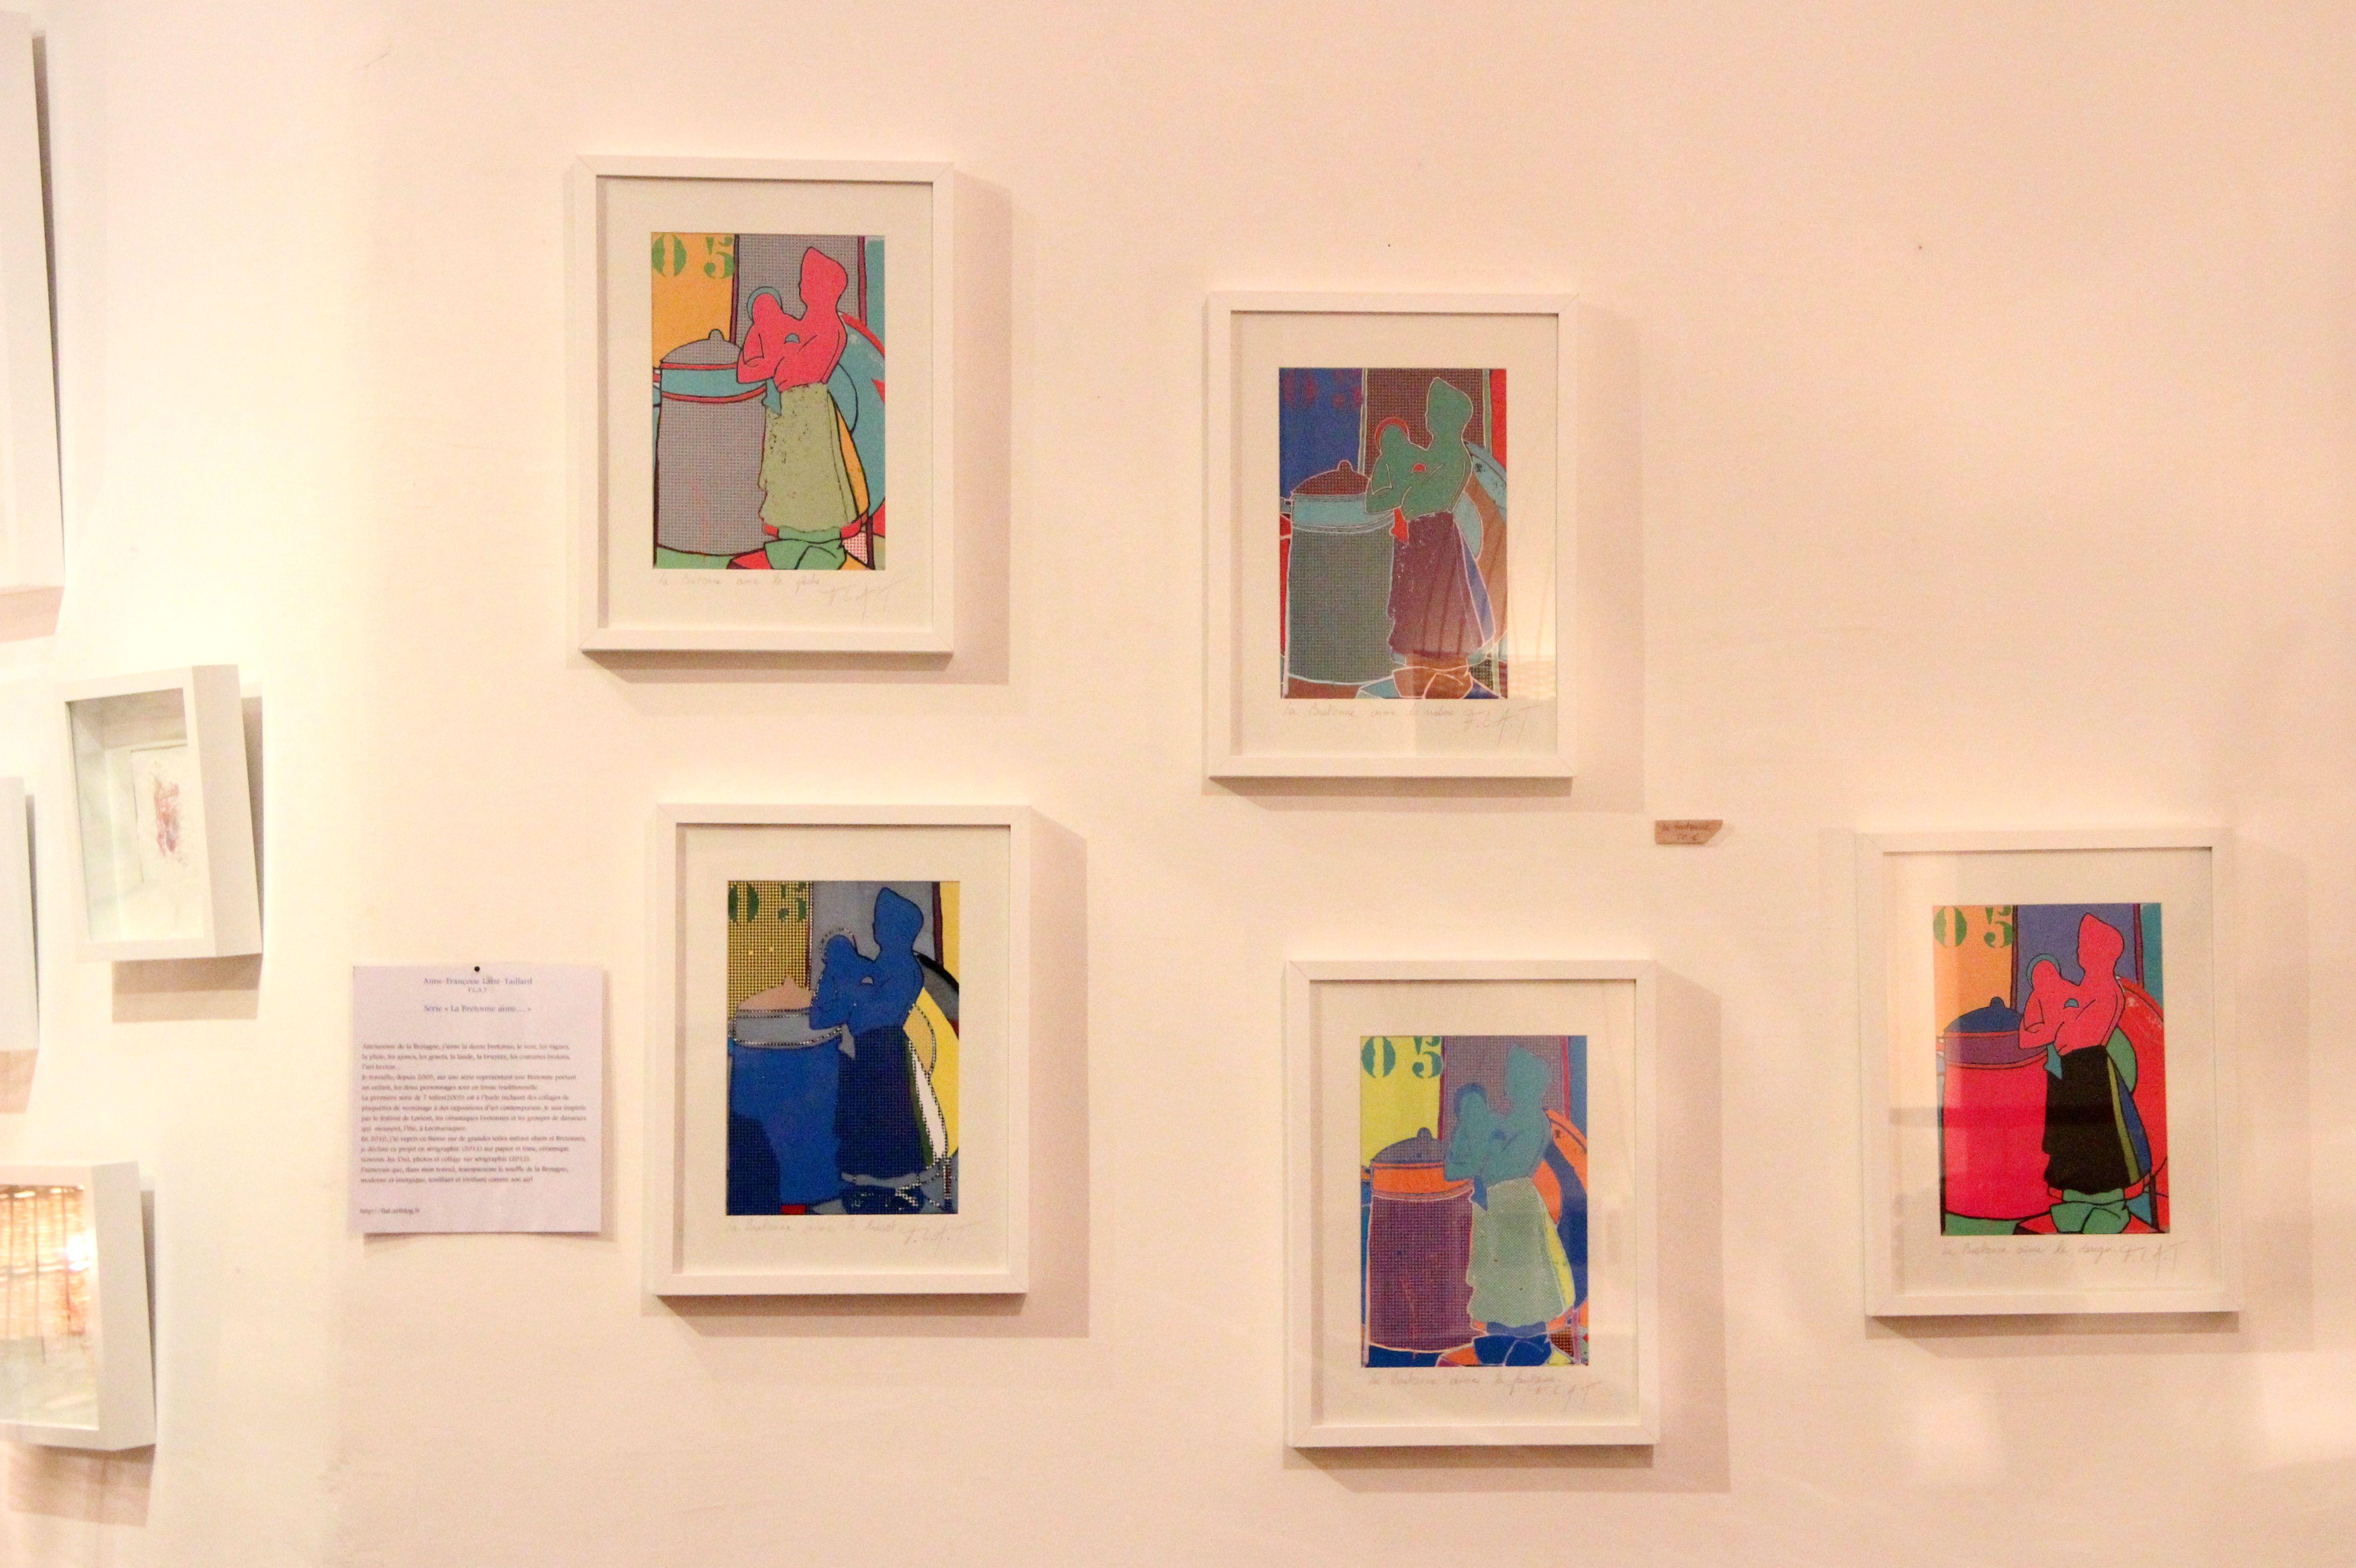 Les tableaux pop art breton d'Anne-Françoise Taillard